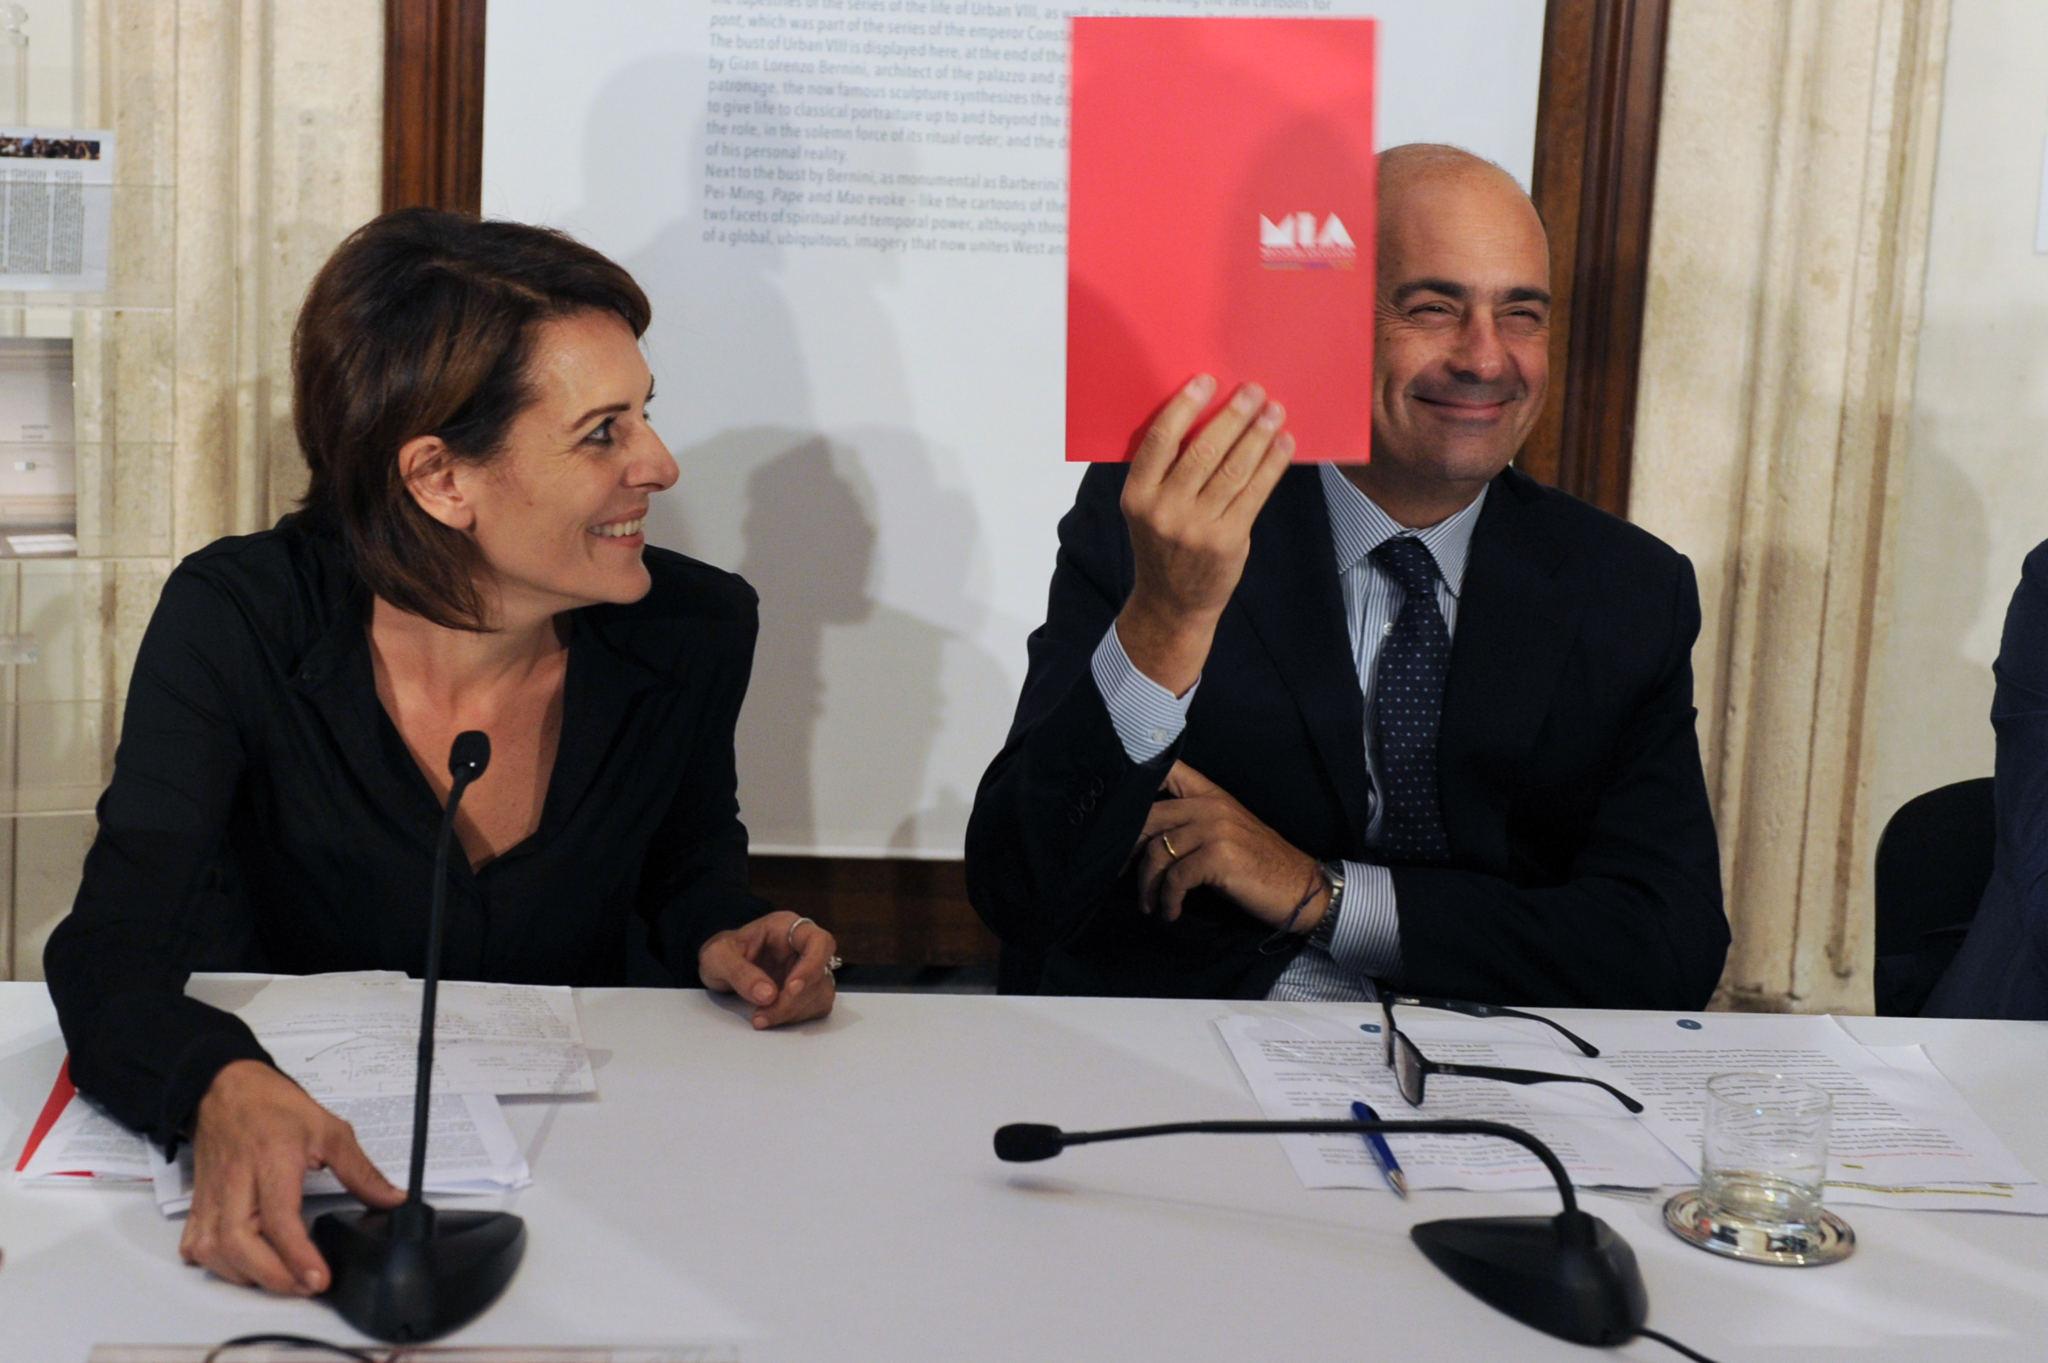 Nicola Zingaretti (Lazio Region President), Lucia Milazzotto (MIA Executive Director)